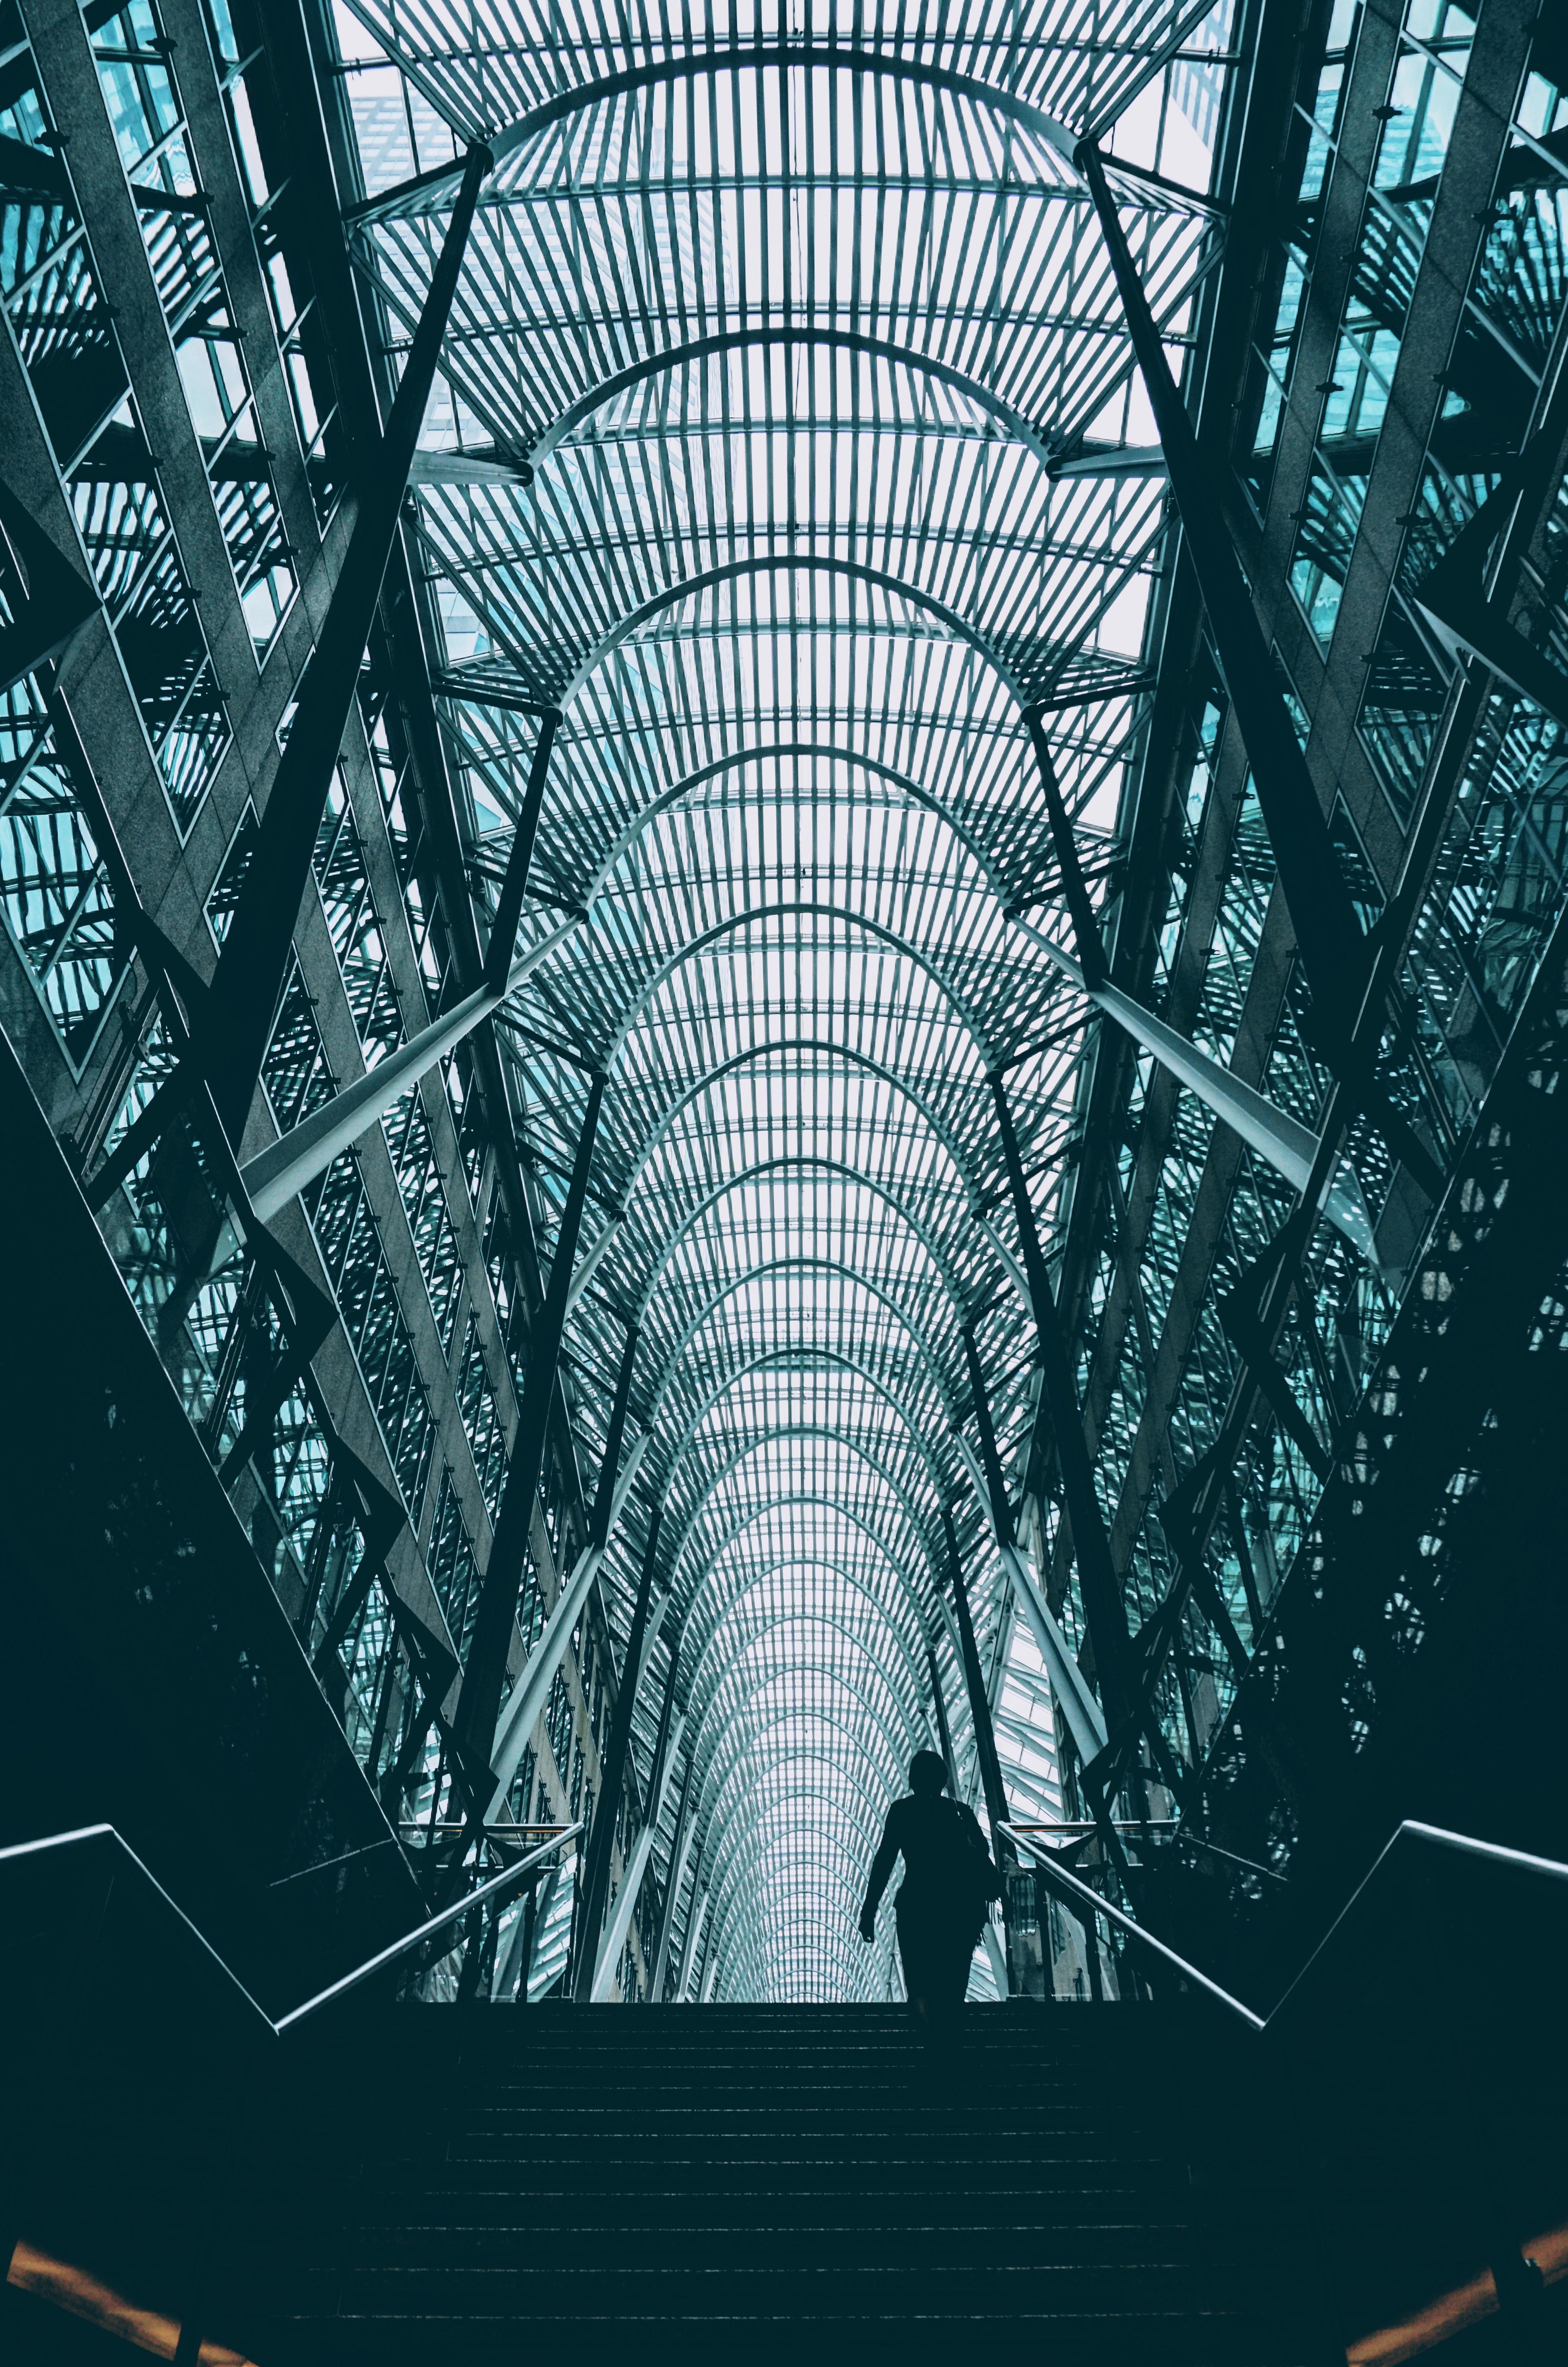 Gambar Arsitektur Pencakar Langit Garis Ilustrasi Desain